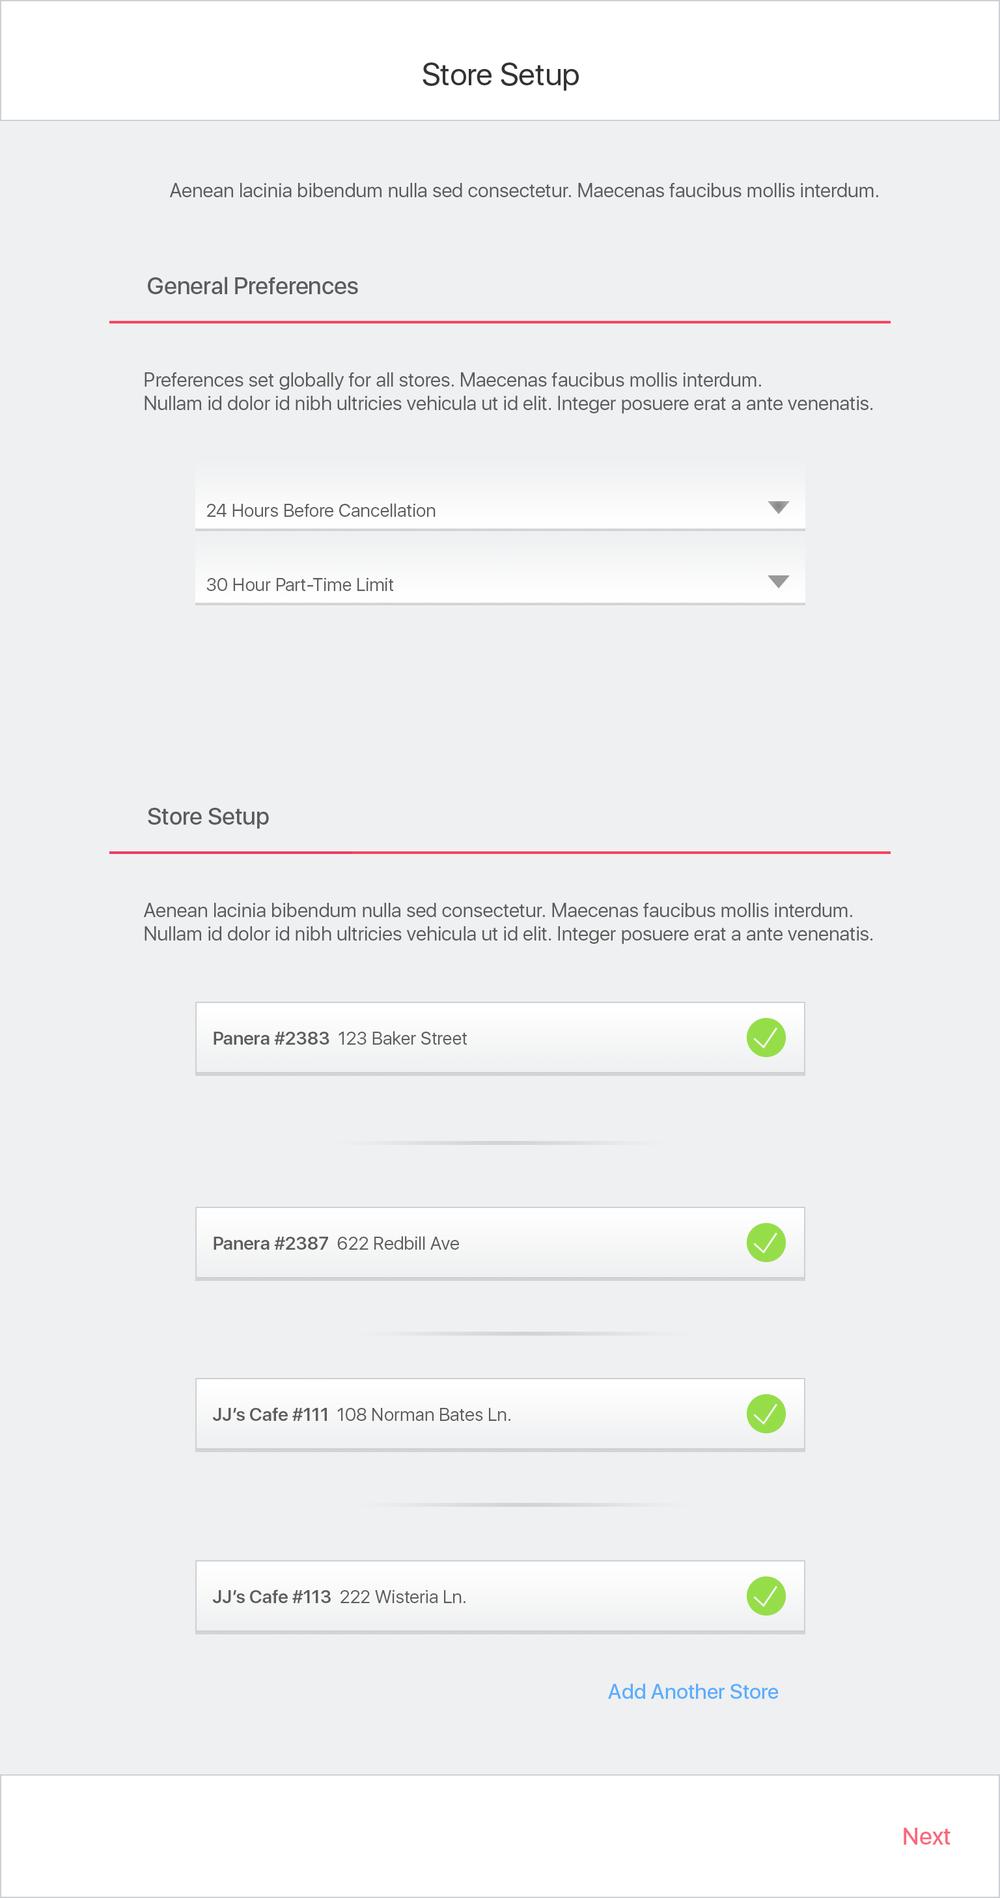 Web Client Setup